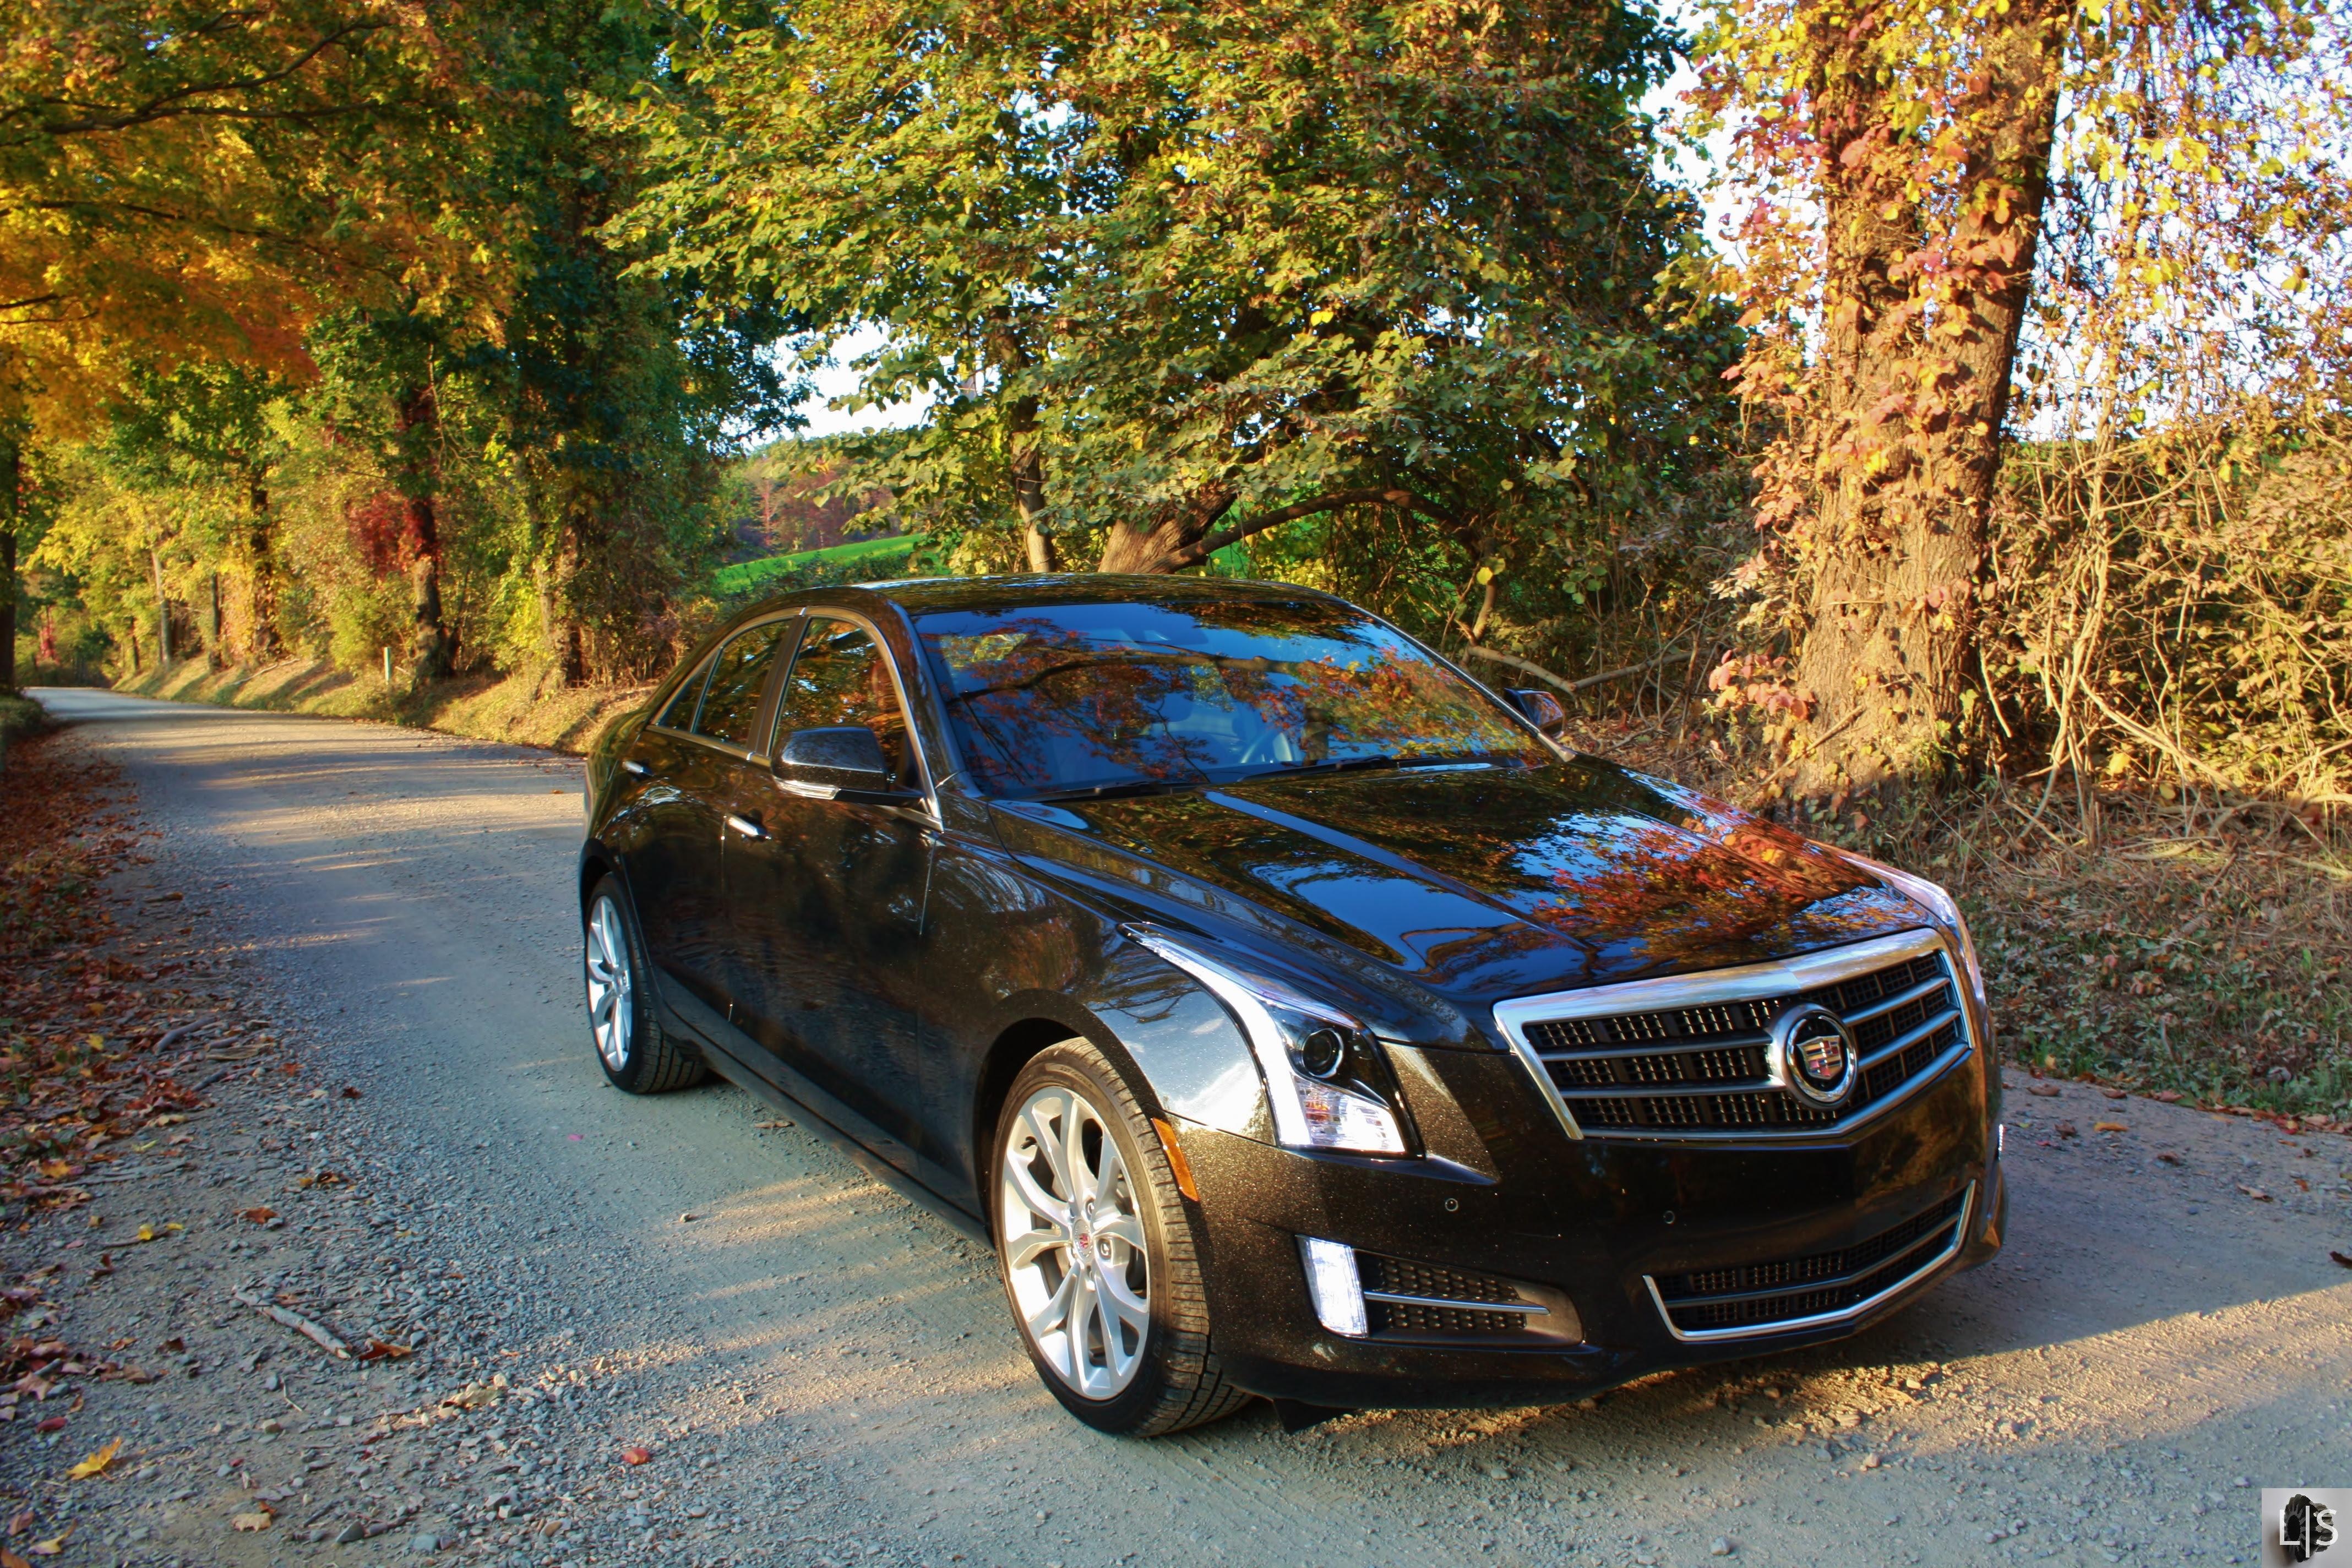 Cadillac ATS 3.6 Performance RWD vs. Infiniti Q50S RWD ...